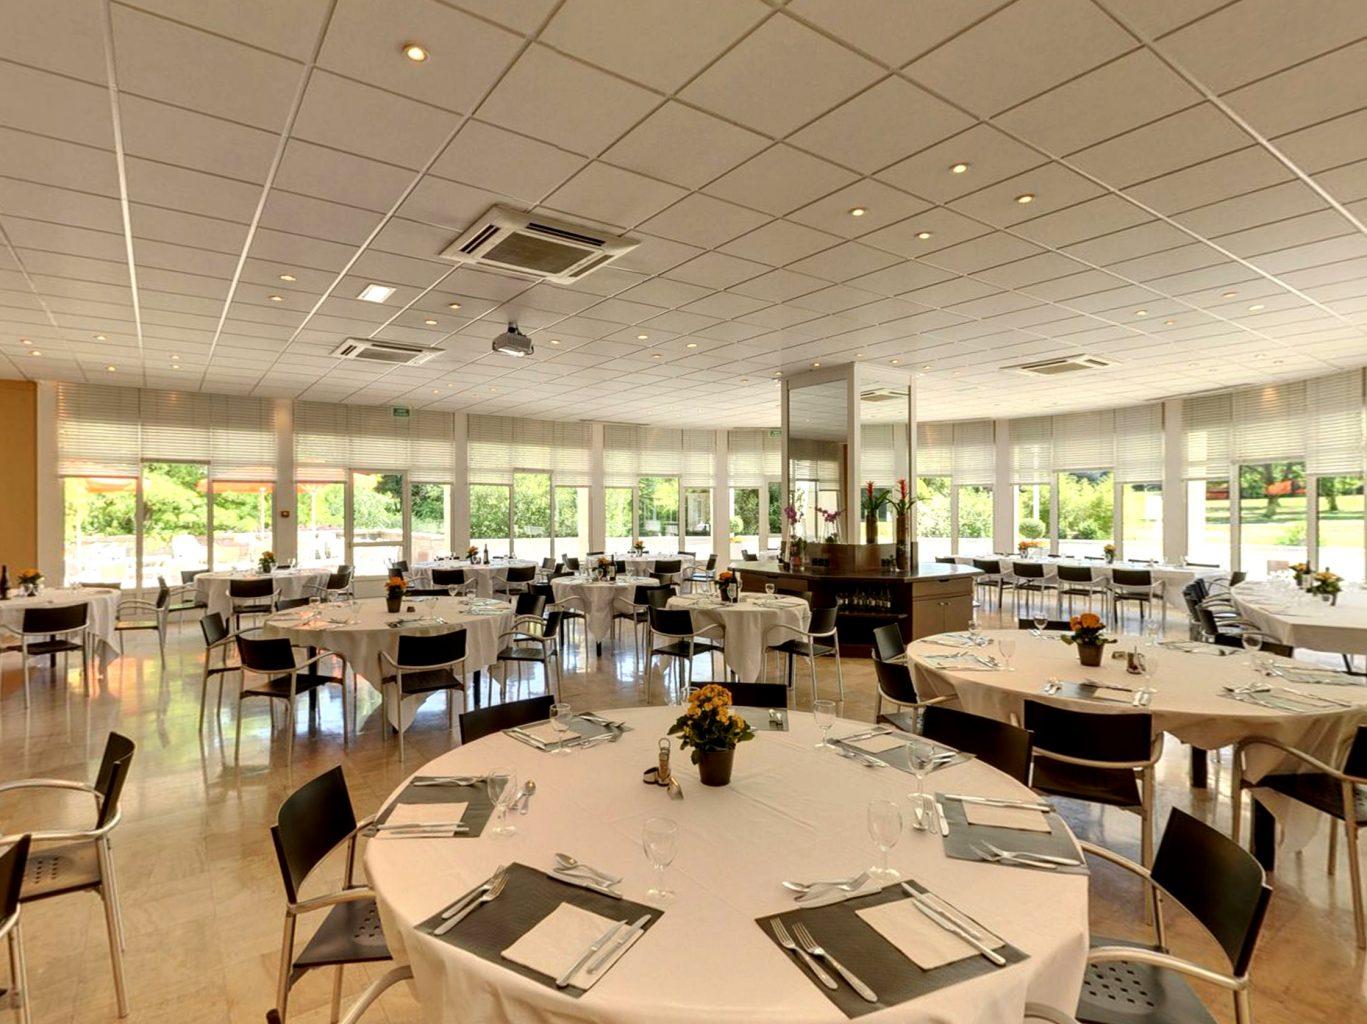 Restaurant avec salle de jeux 28 images cing avec for Bureau 02 laon